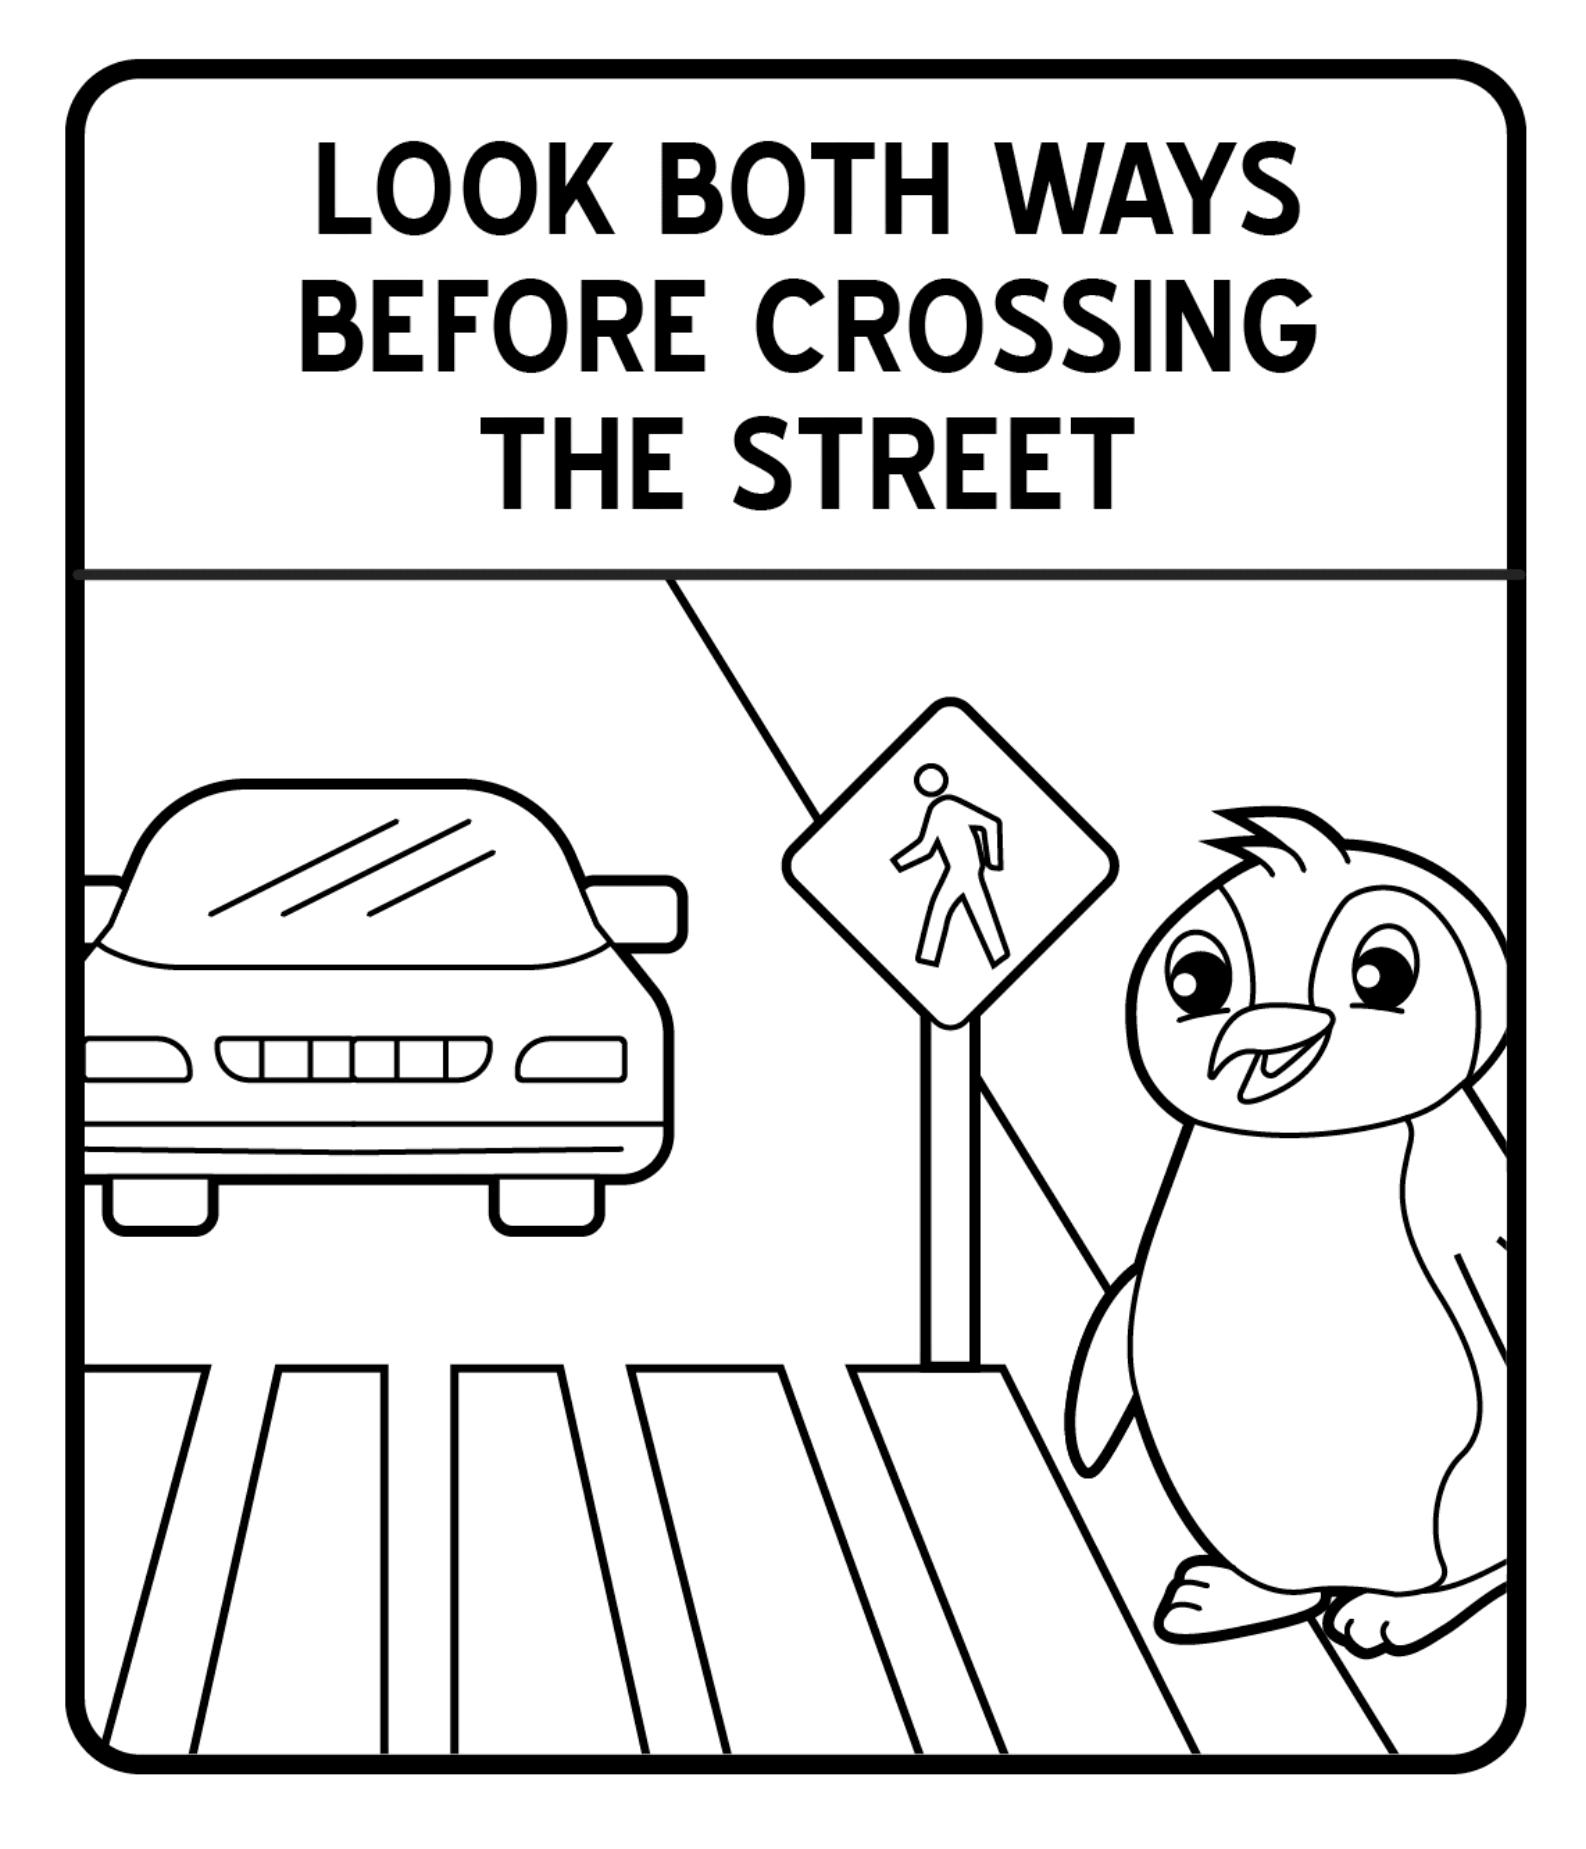 Tổng hợp các bức tranh tô màu biển báo giao thông cho bé